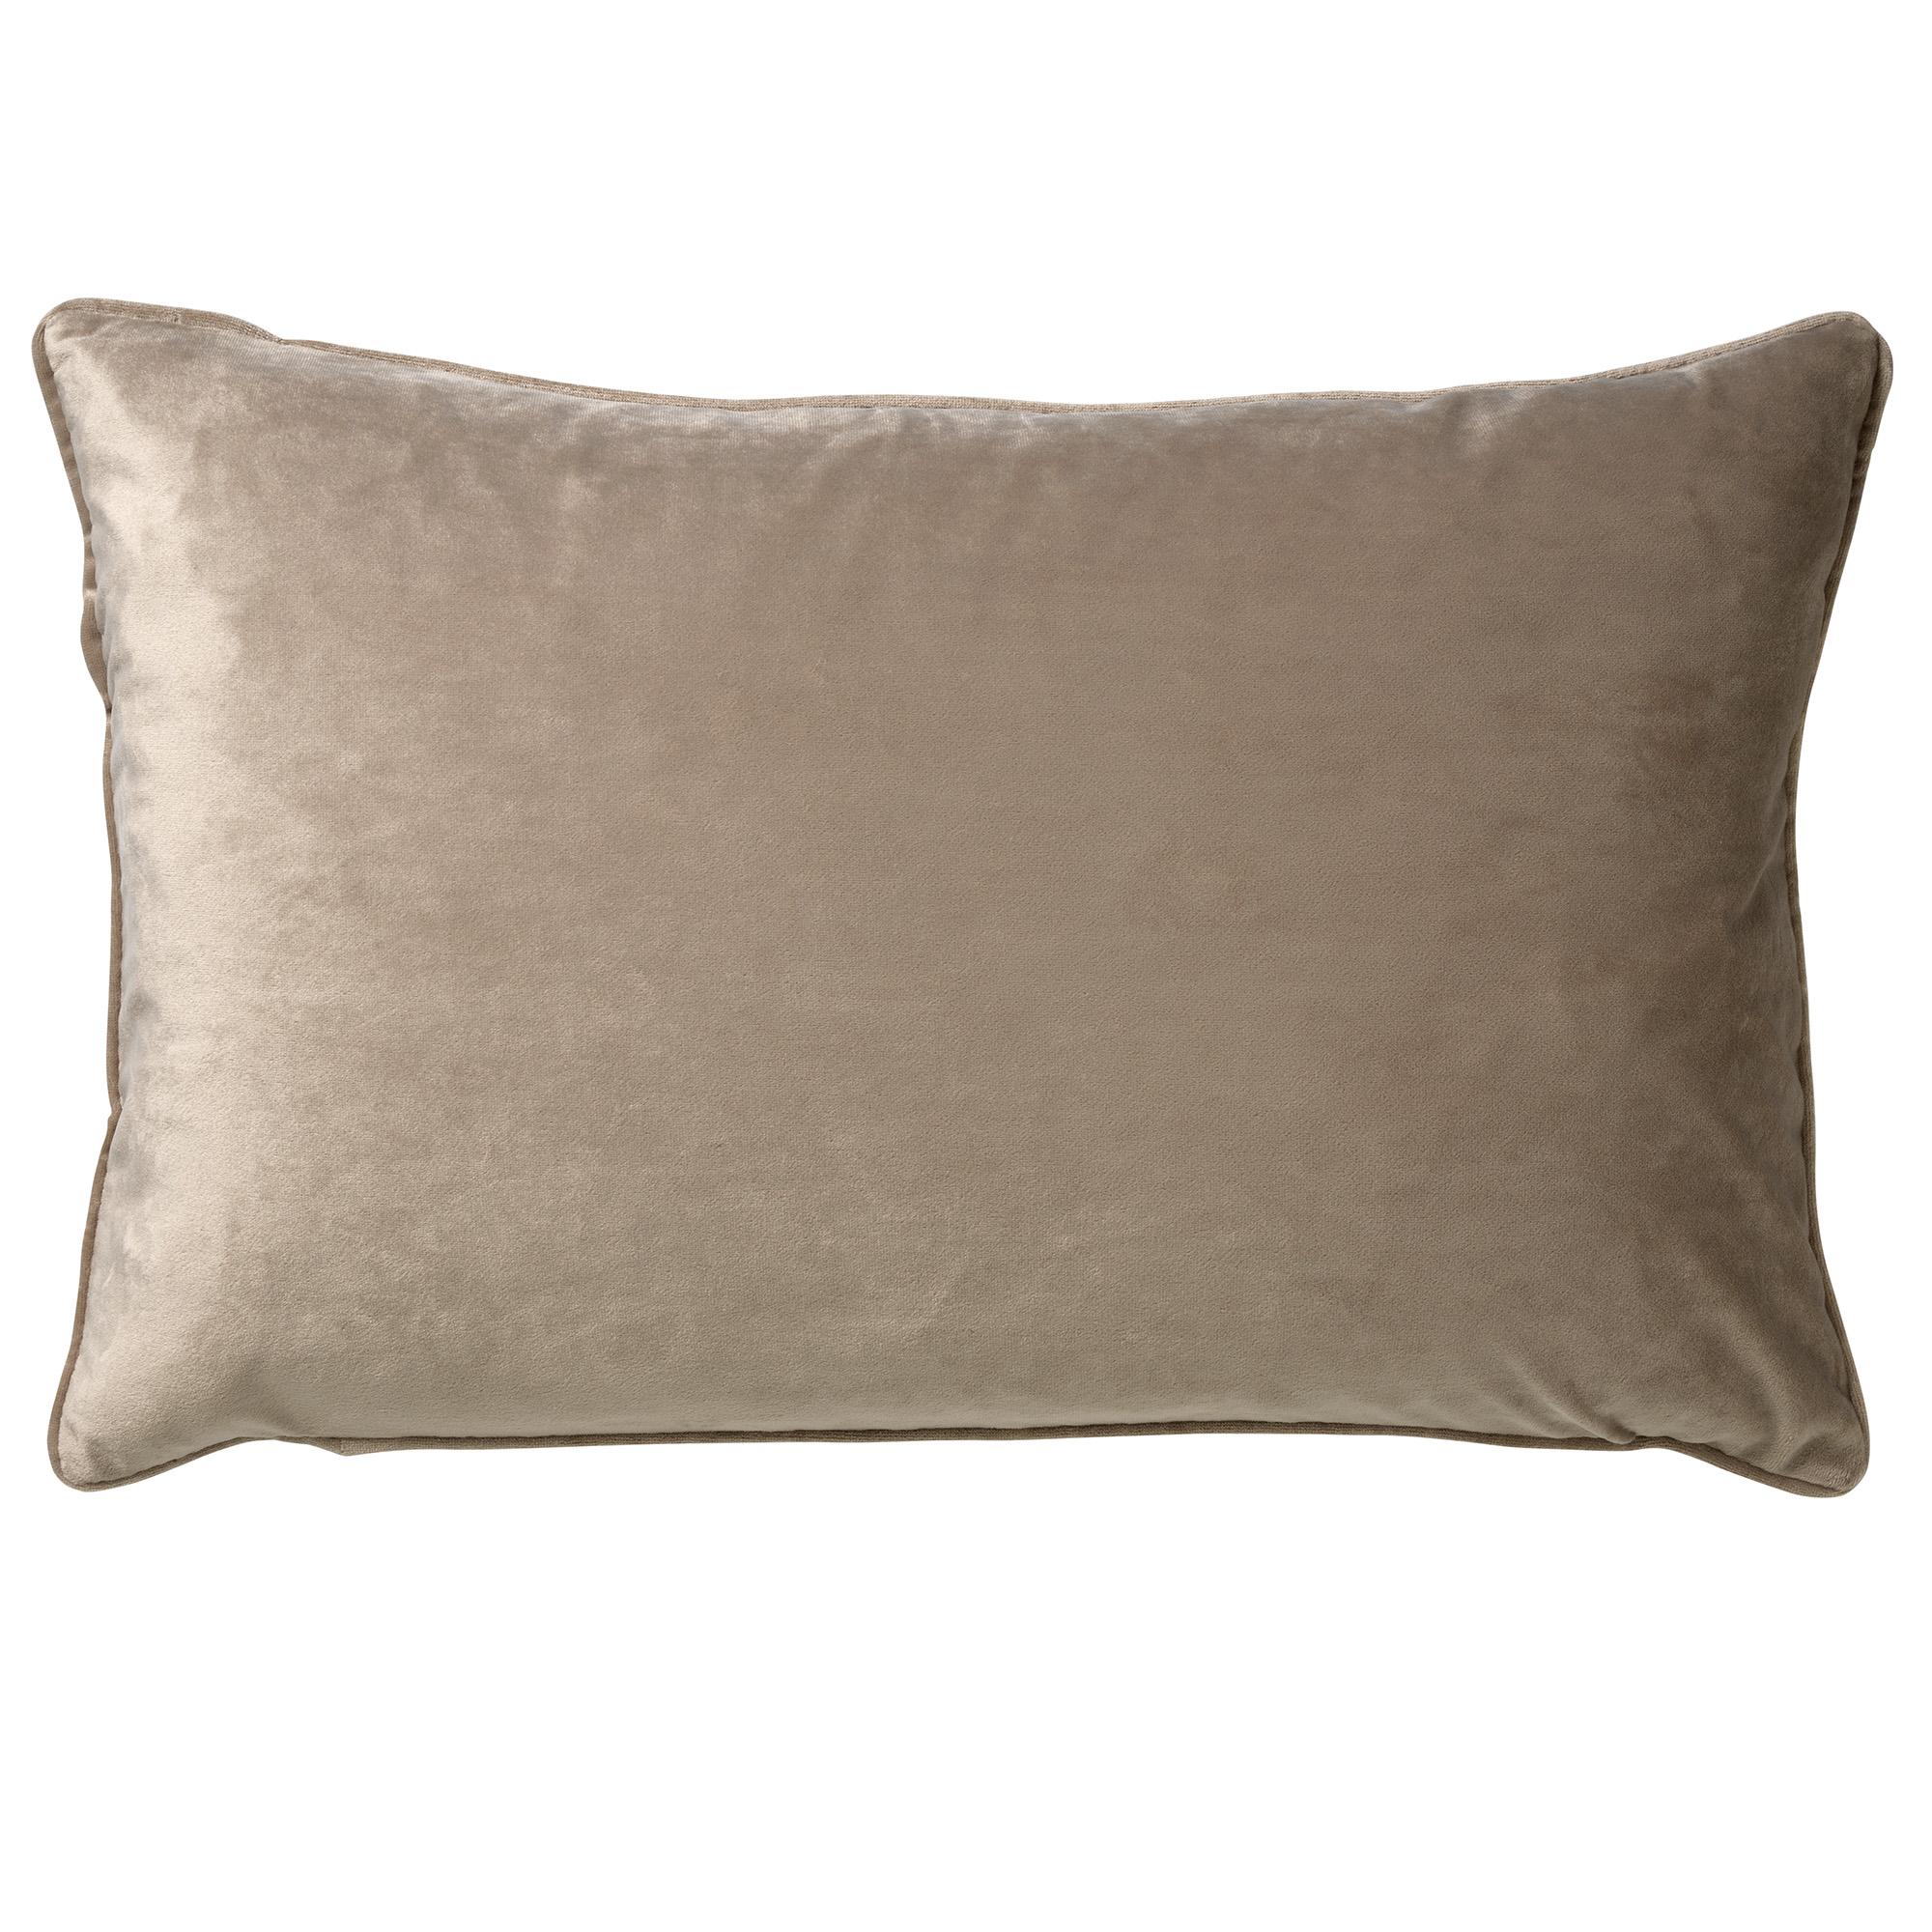 FINN - Sierkussen velvet Pumice Stone 40x60 cm